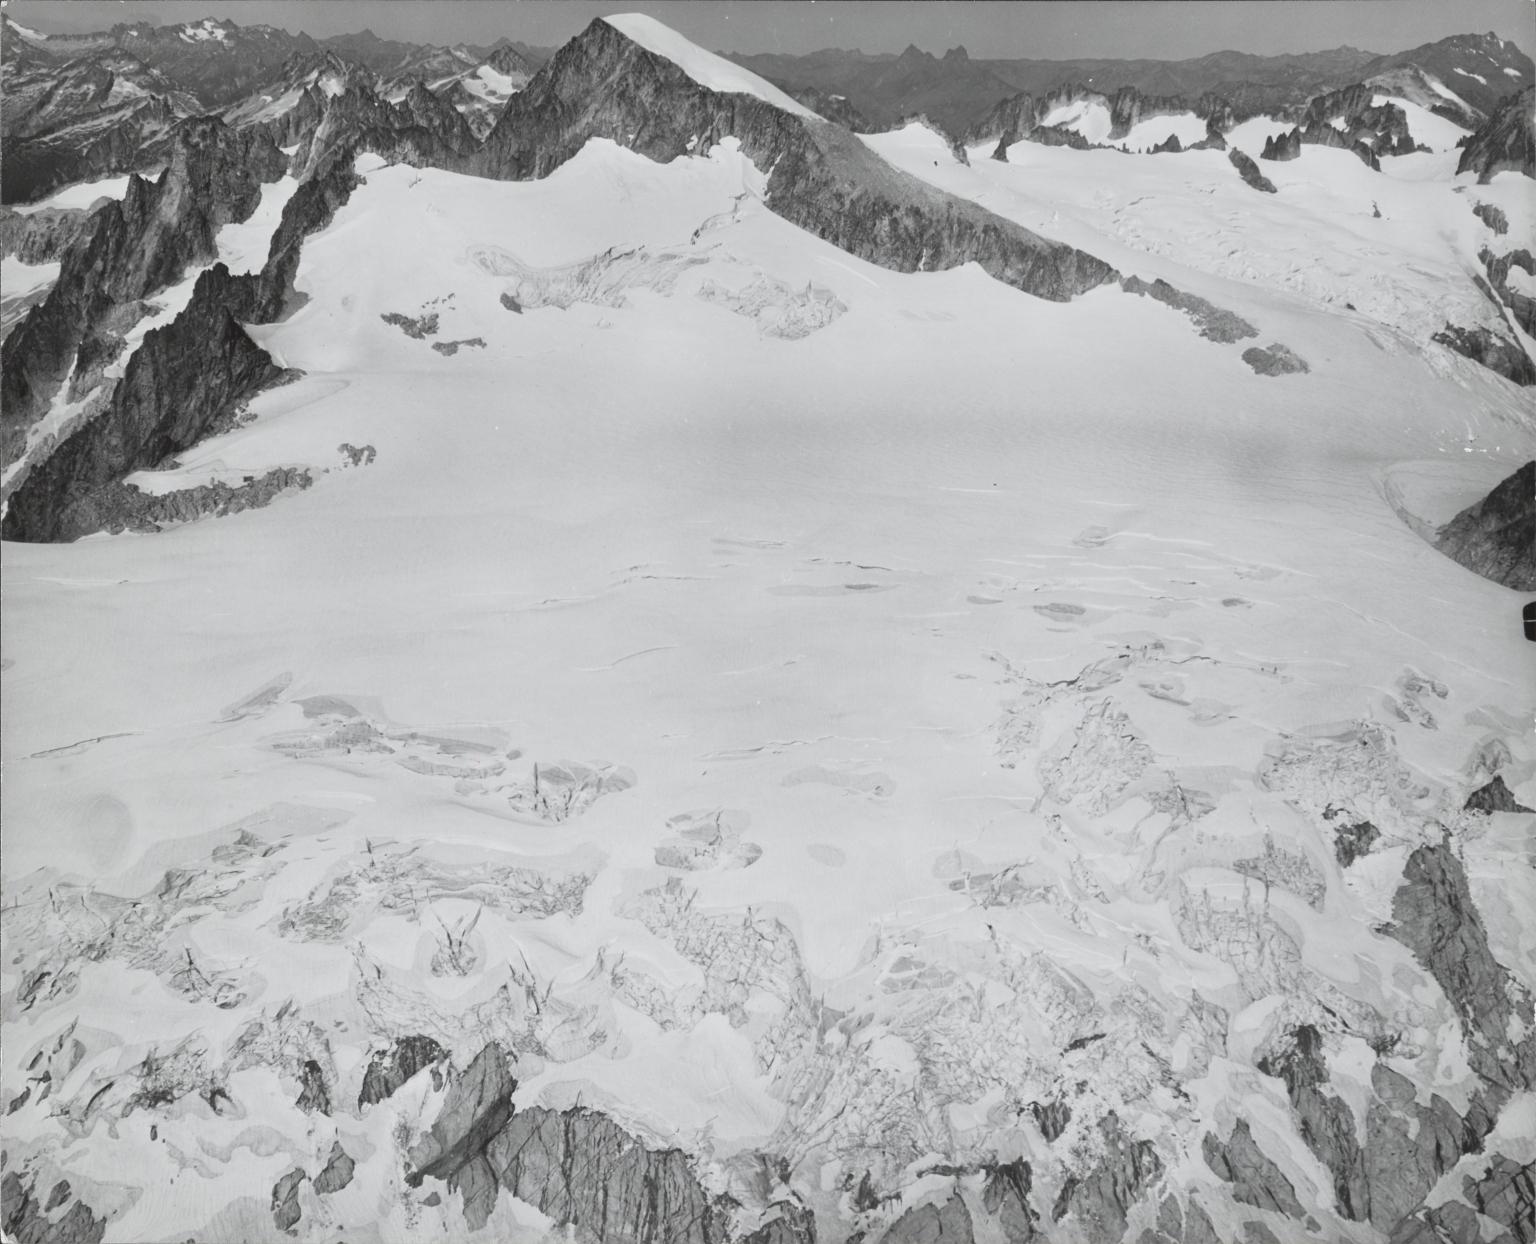 Eldorado Glacier, Washington